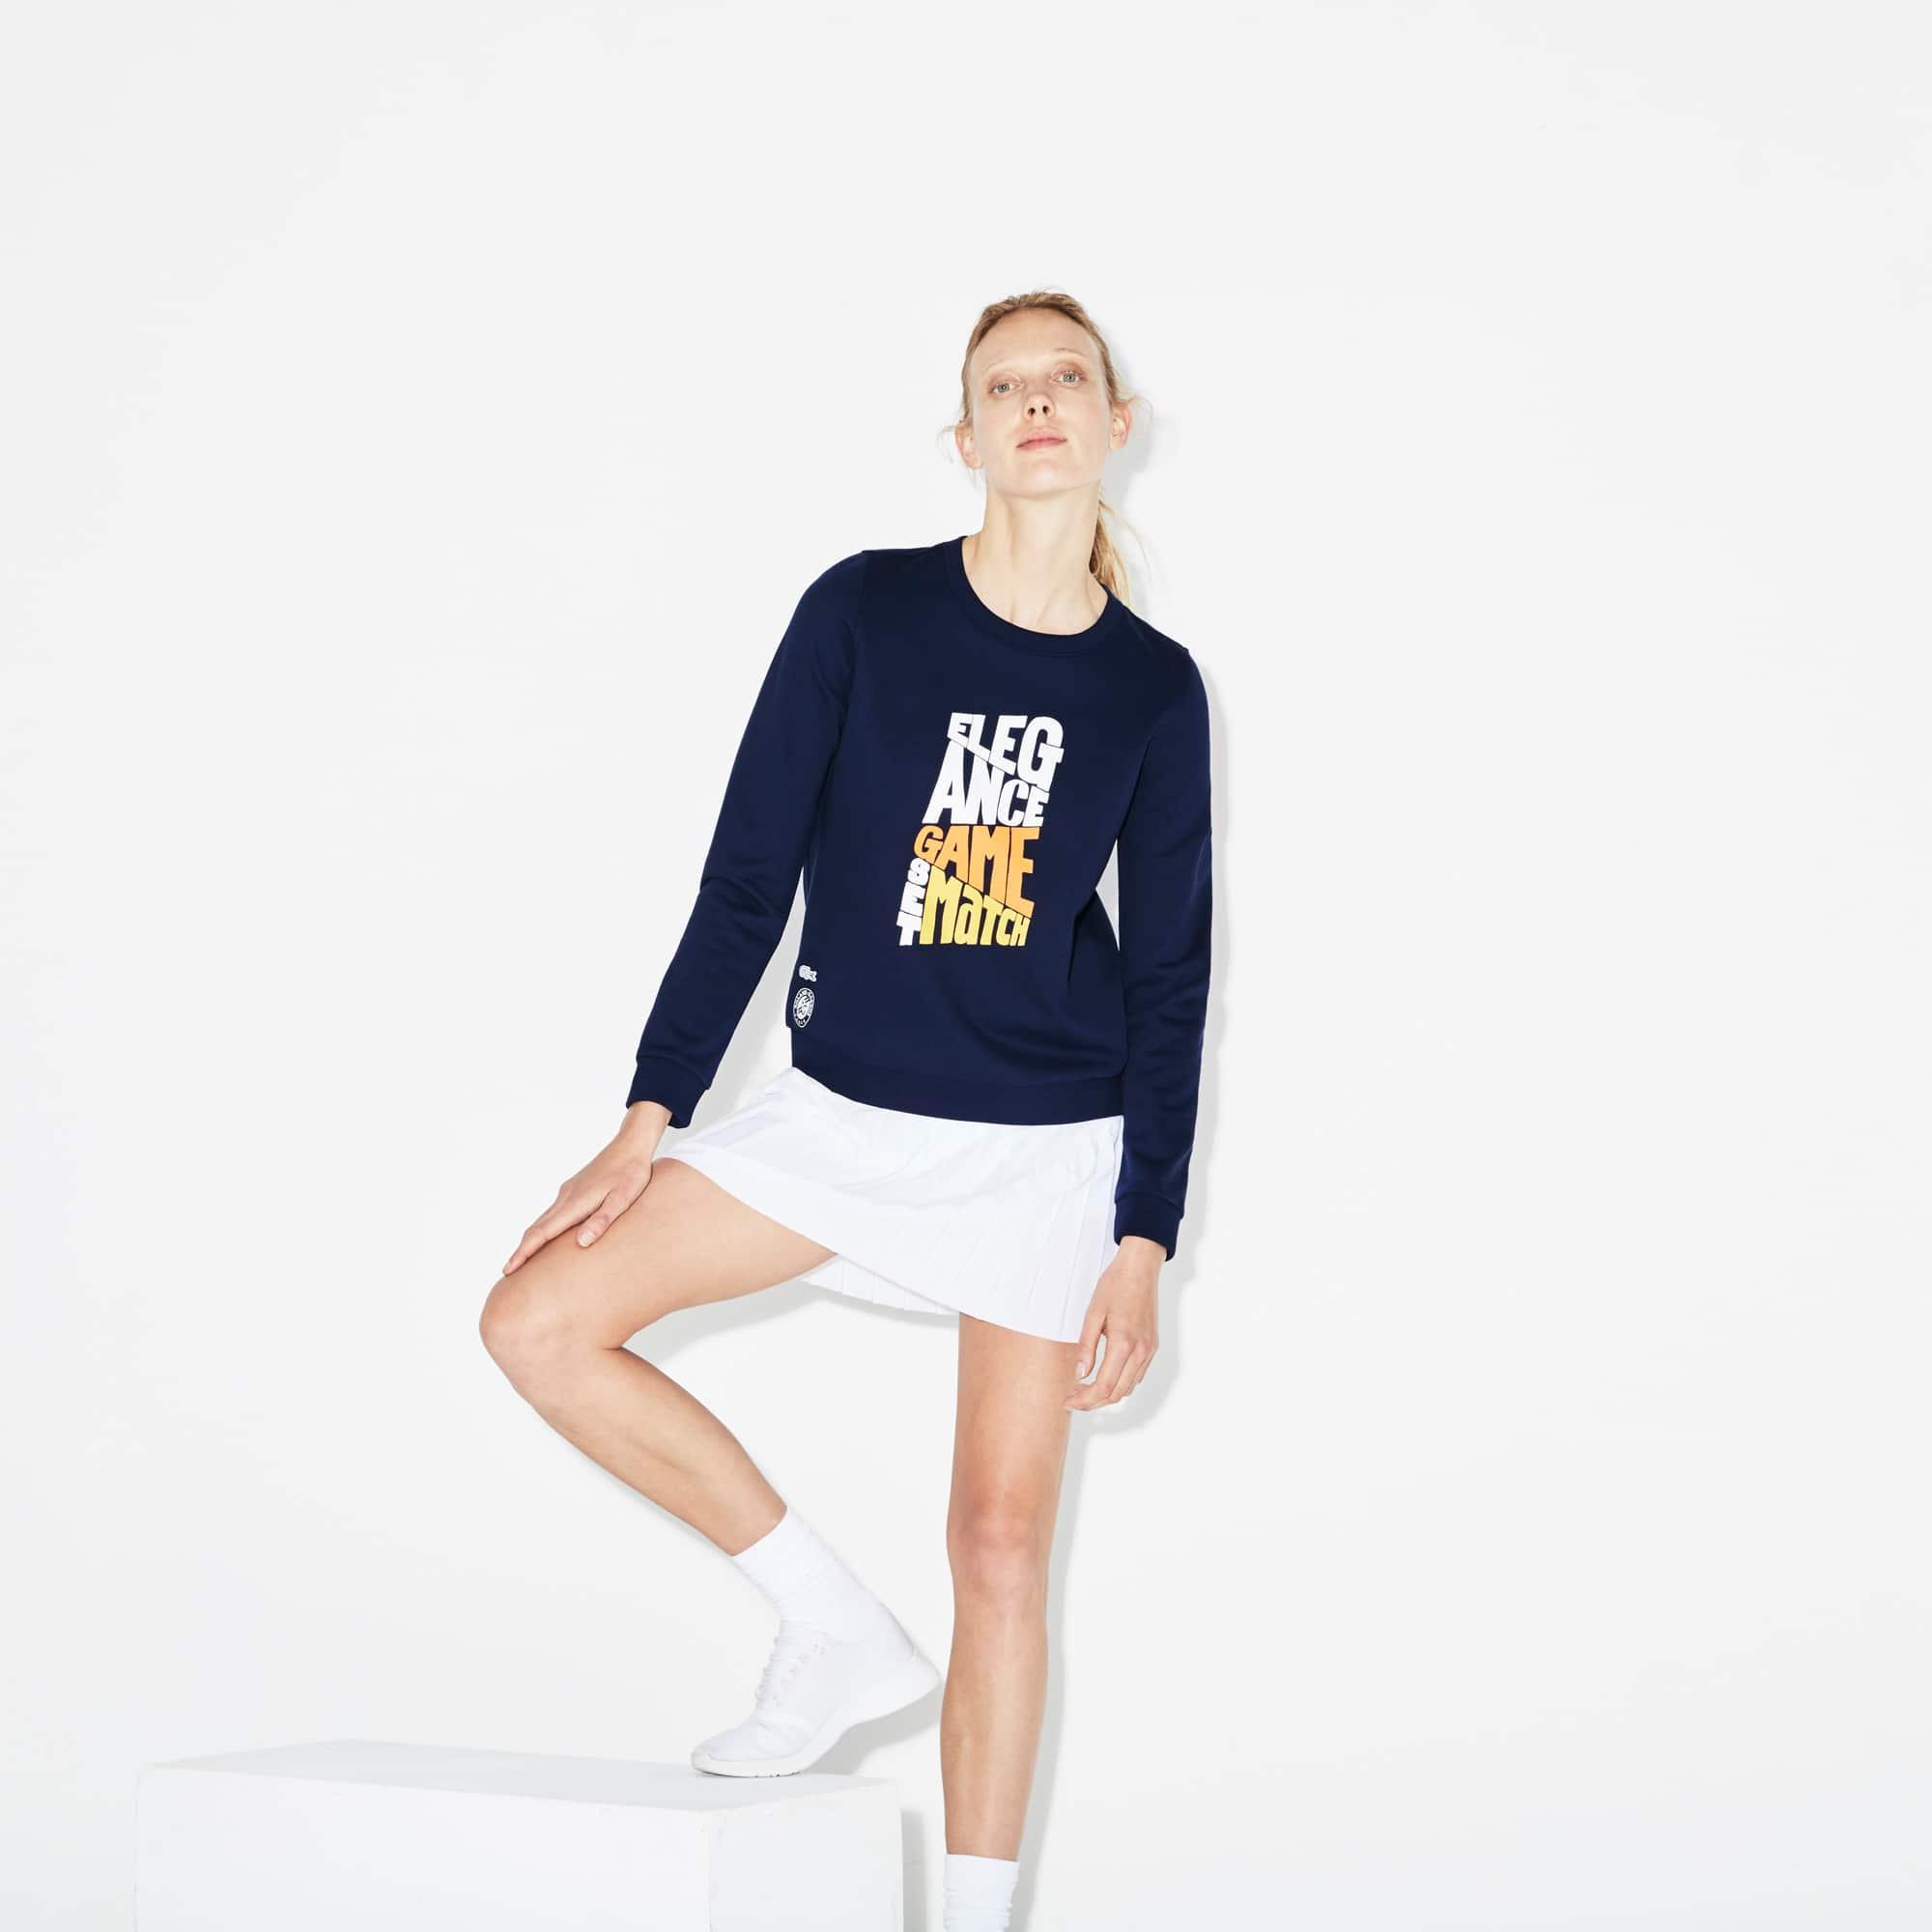 Damen LACOSTE SPORT Roland Garros Edition Design Sweatshirt